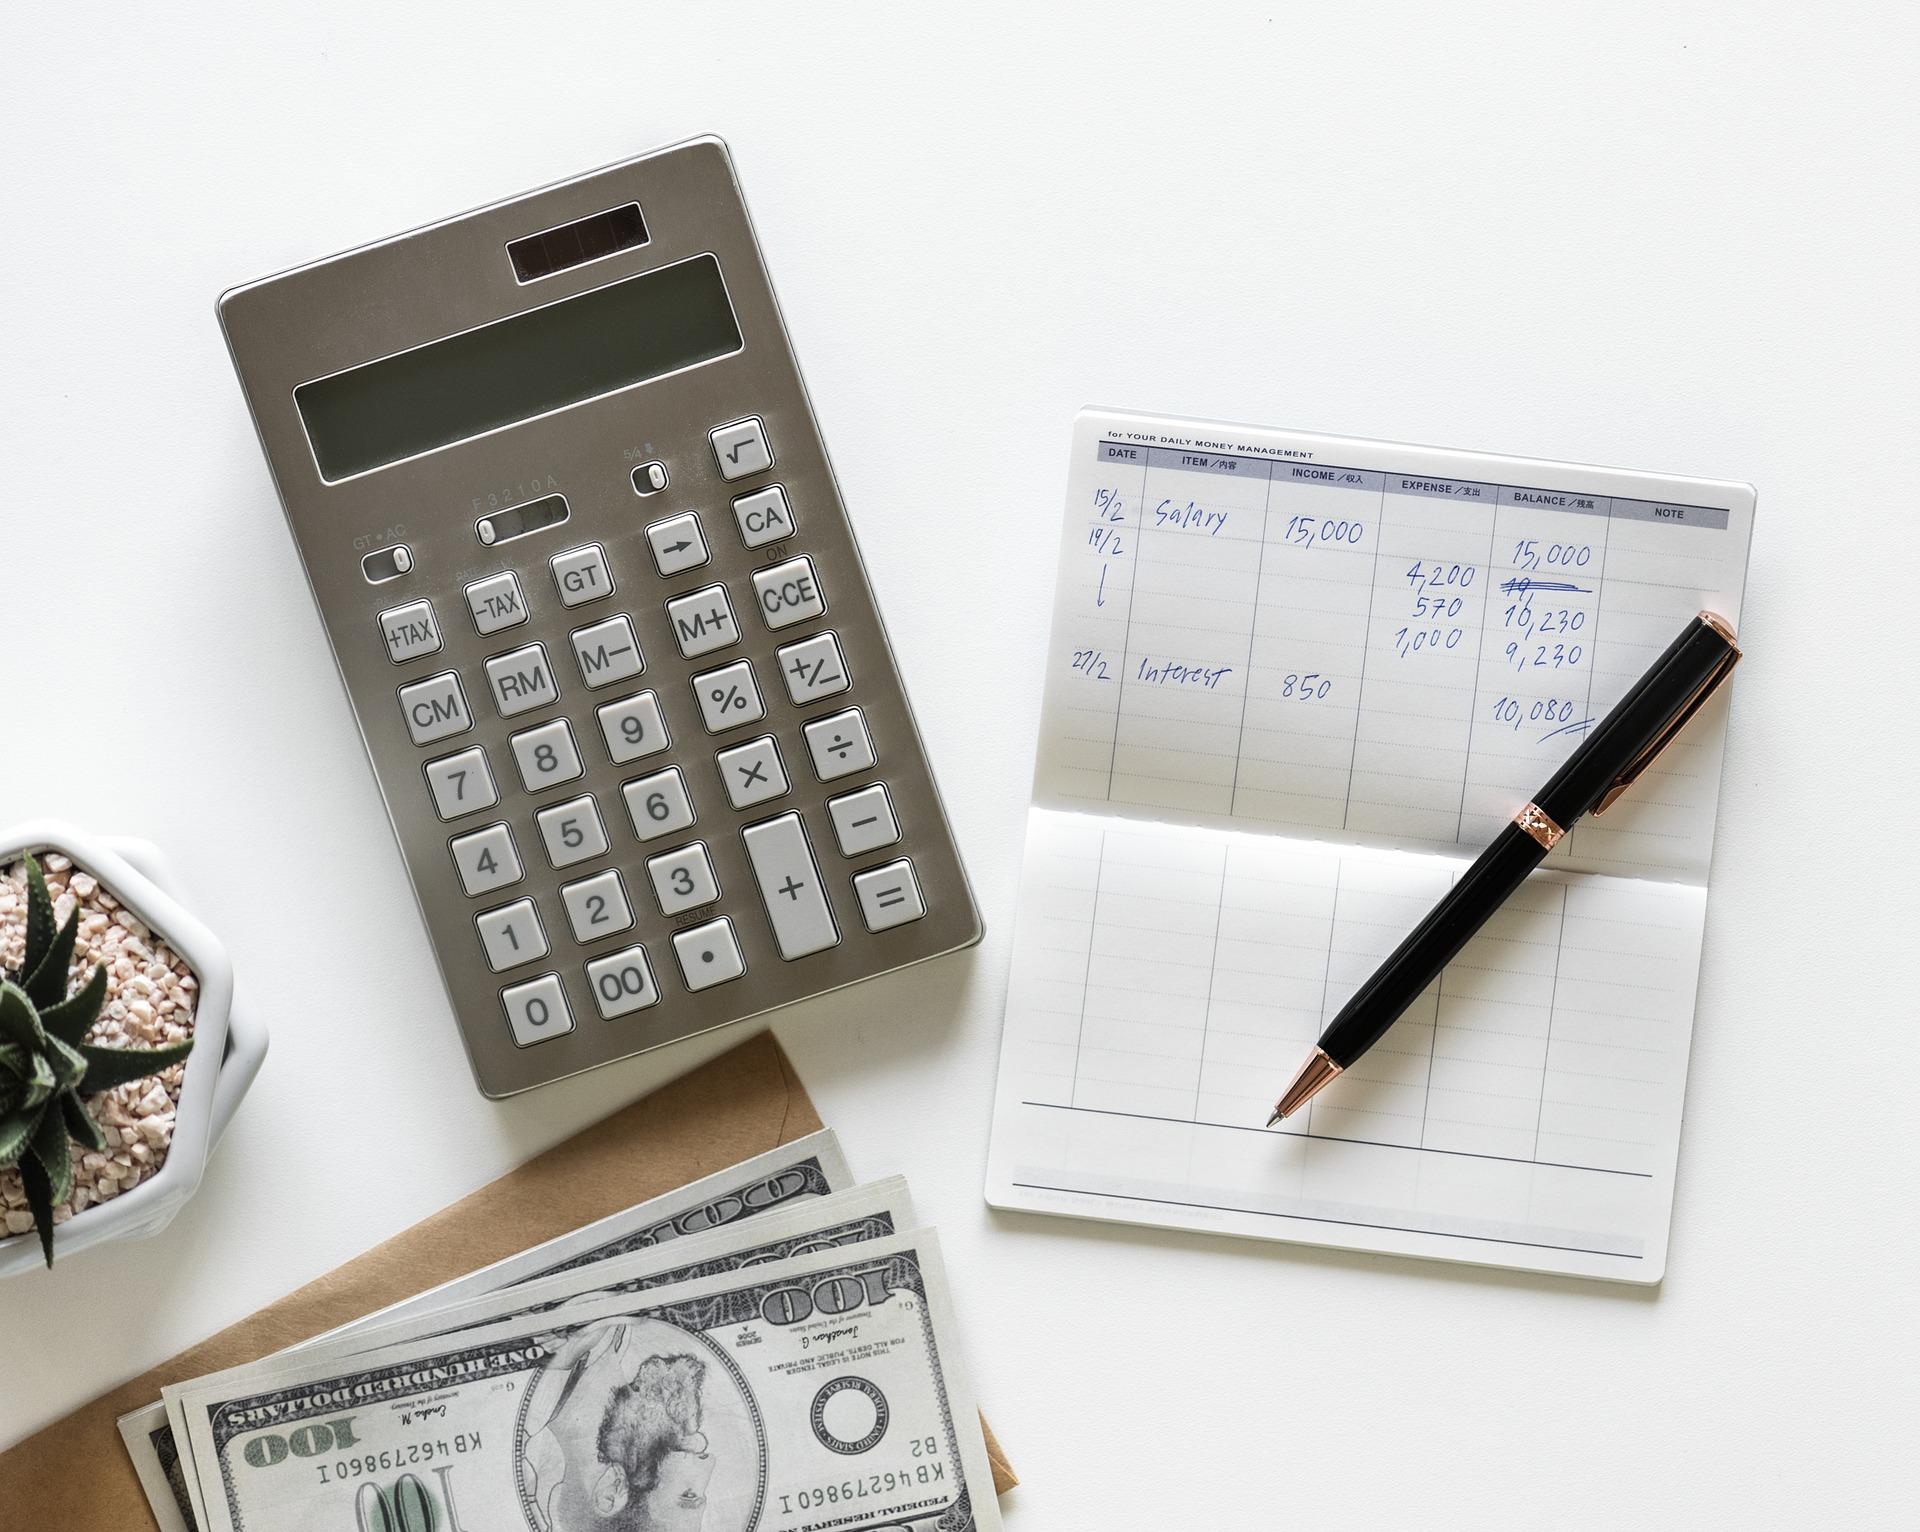 معالجة الديون المحاسبية - تابع المحاسبة على الأصول المتداولة